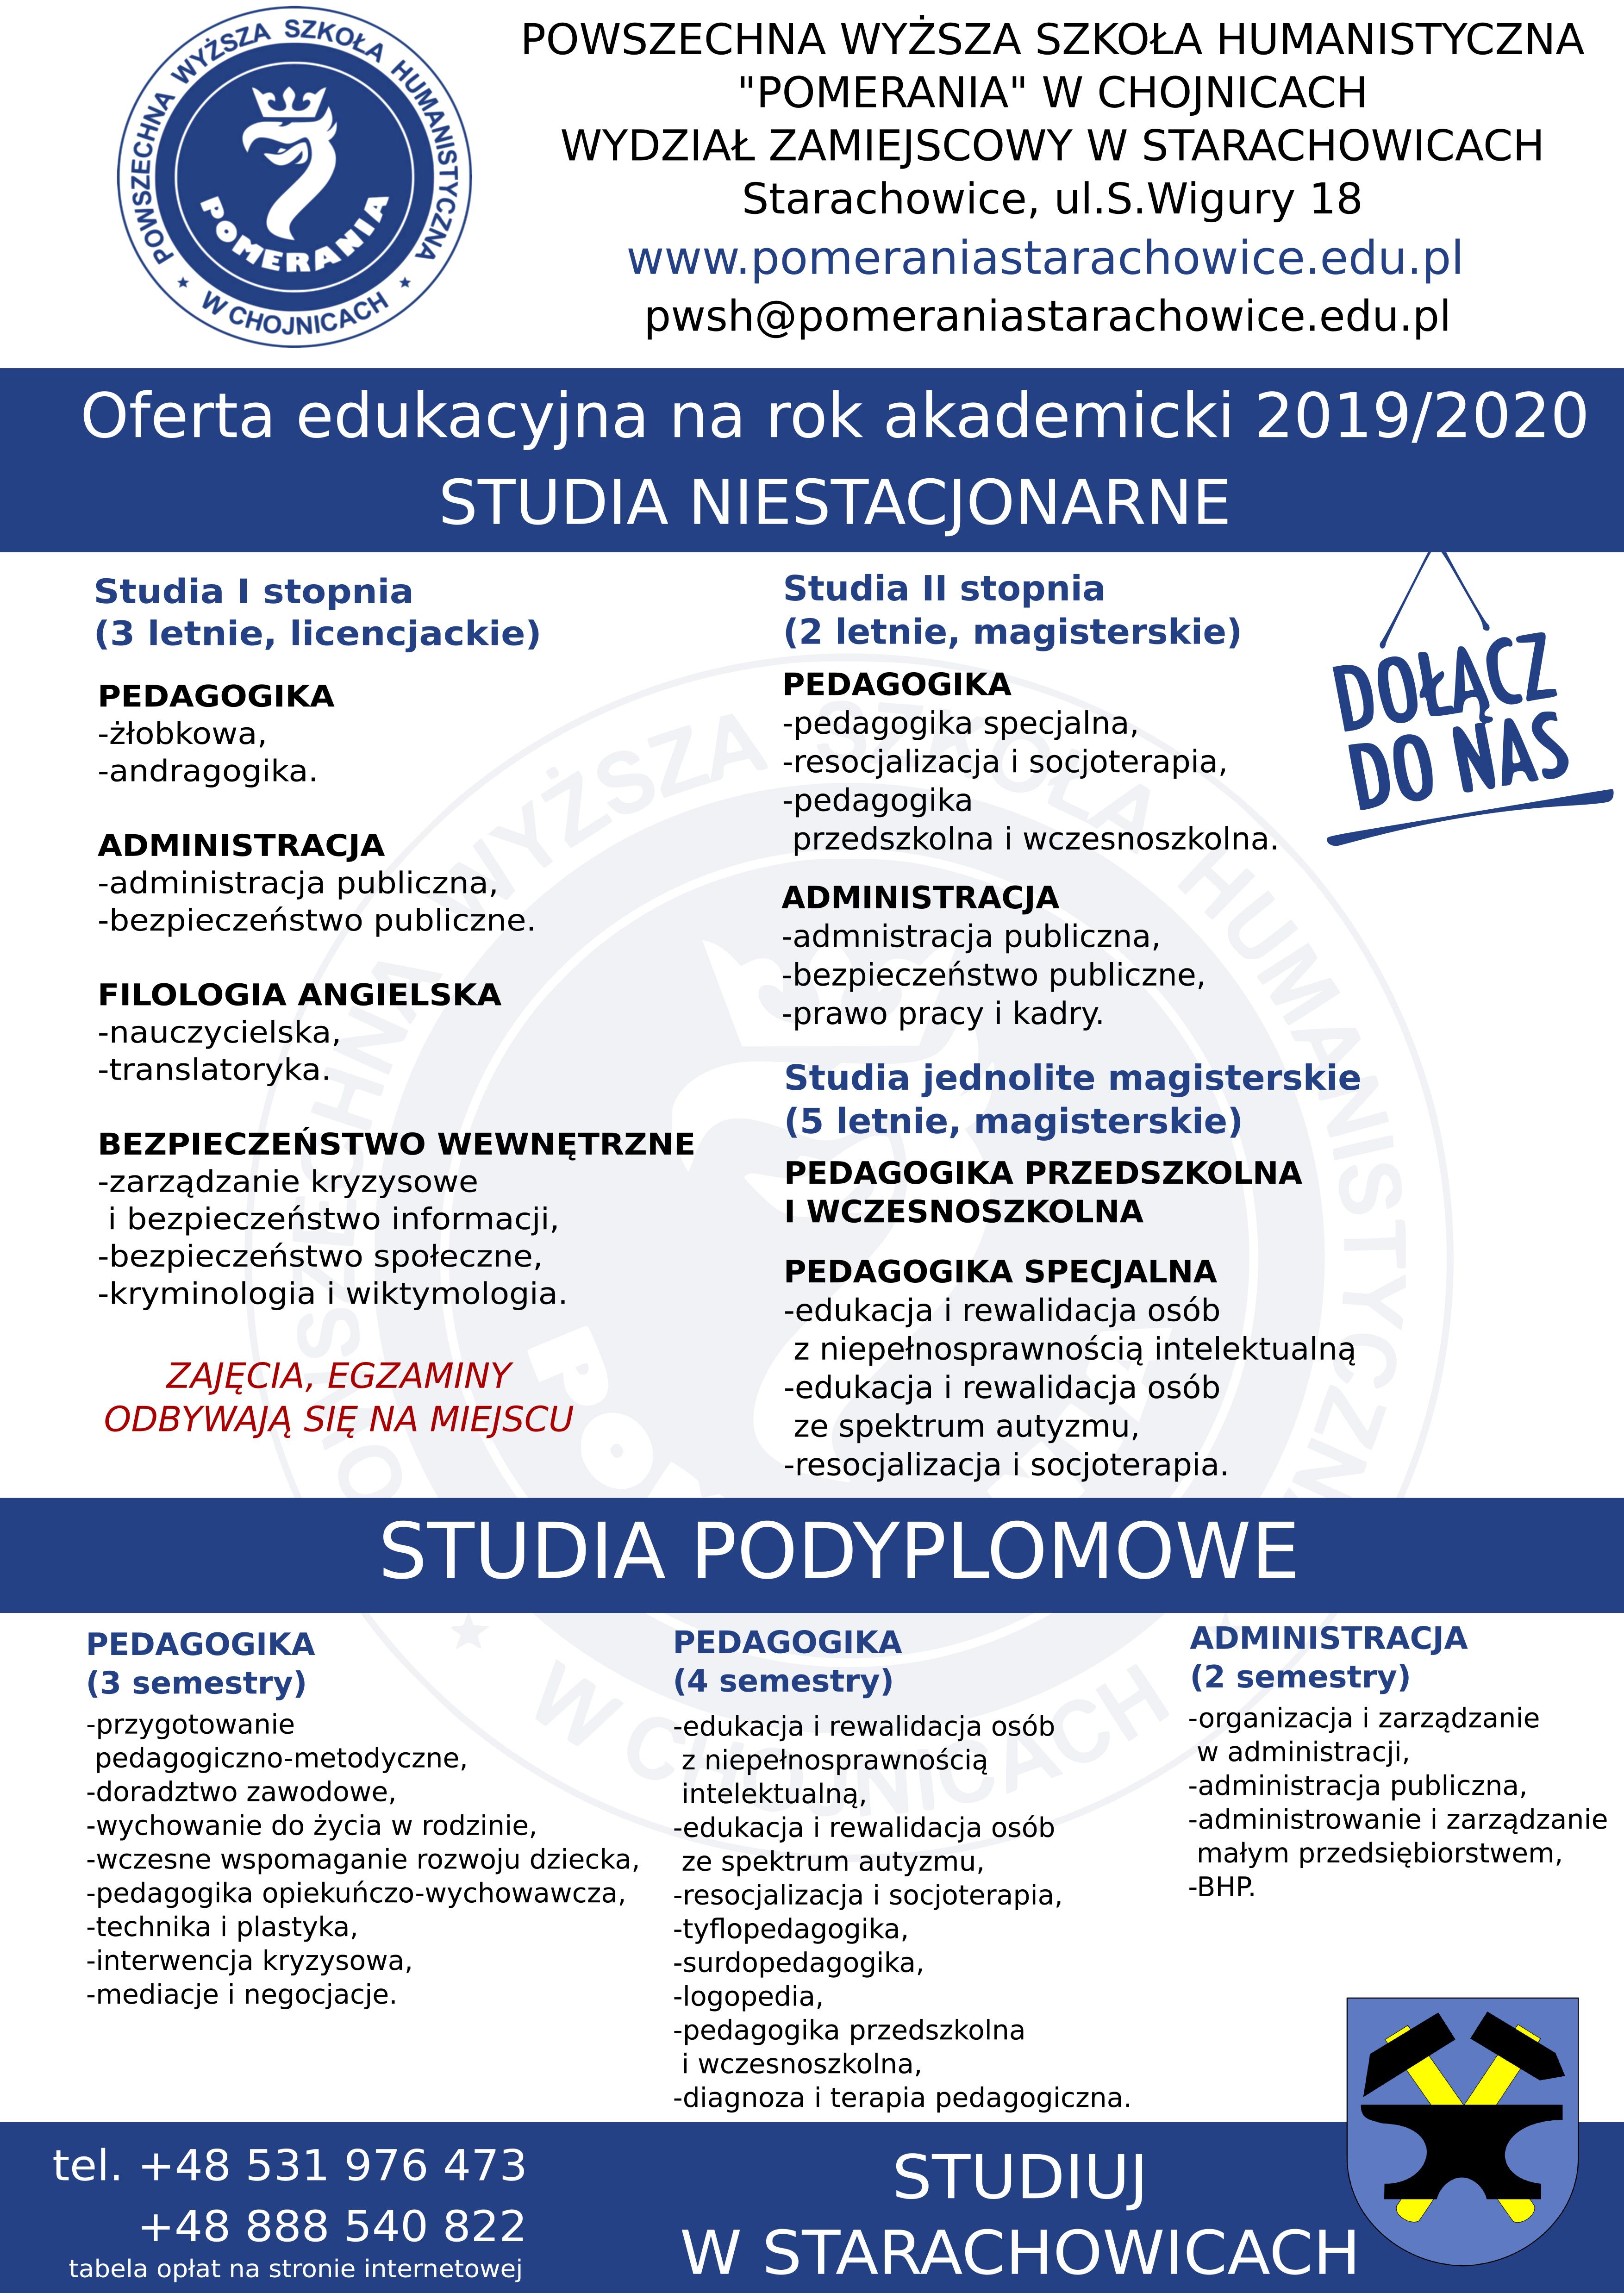 Rekrutacja 20192020 Starachowice Wydział Zamiejscowy